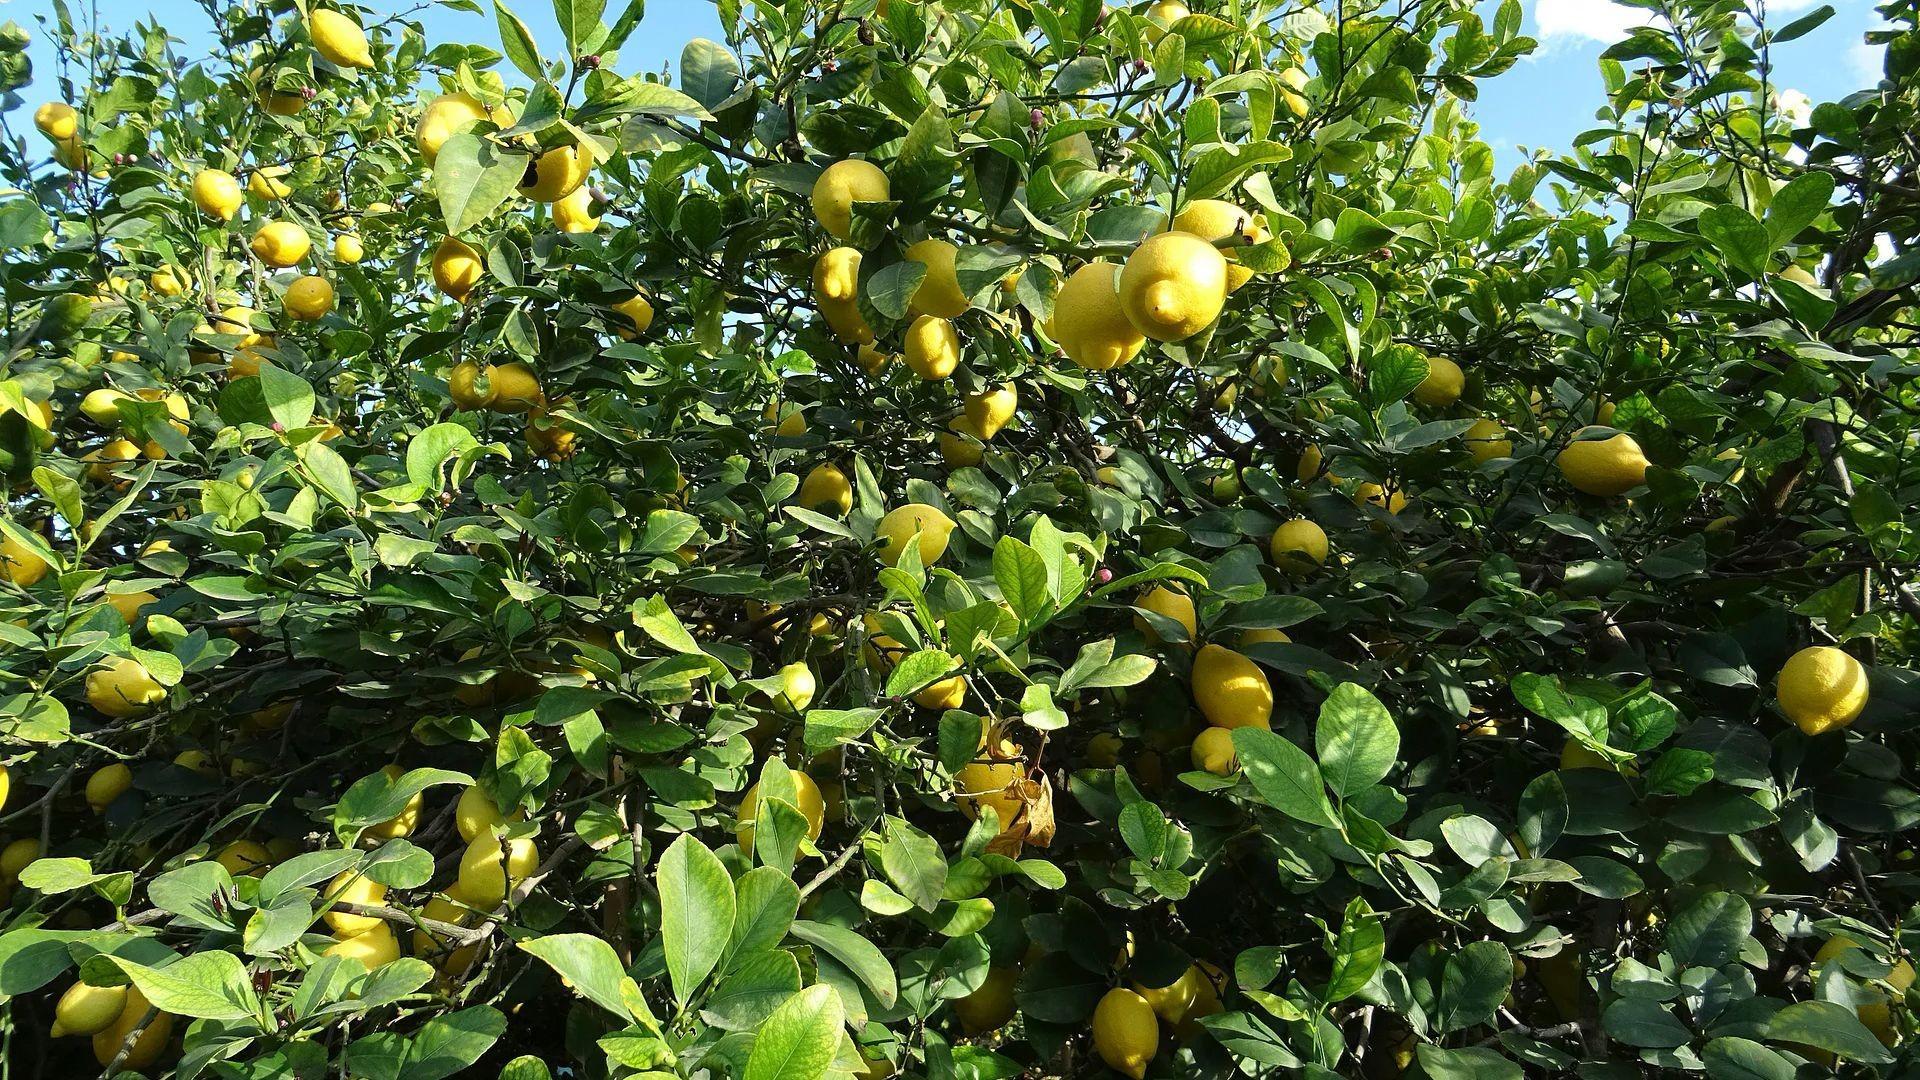 Producción y distribución de limones en Murcia